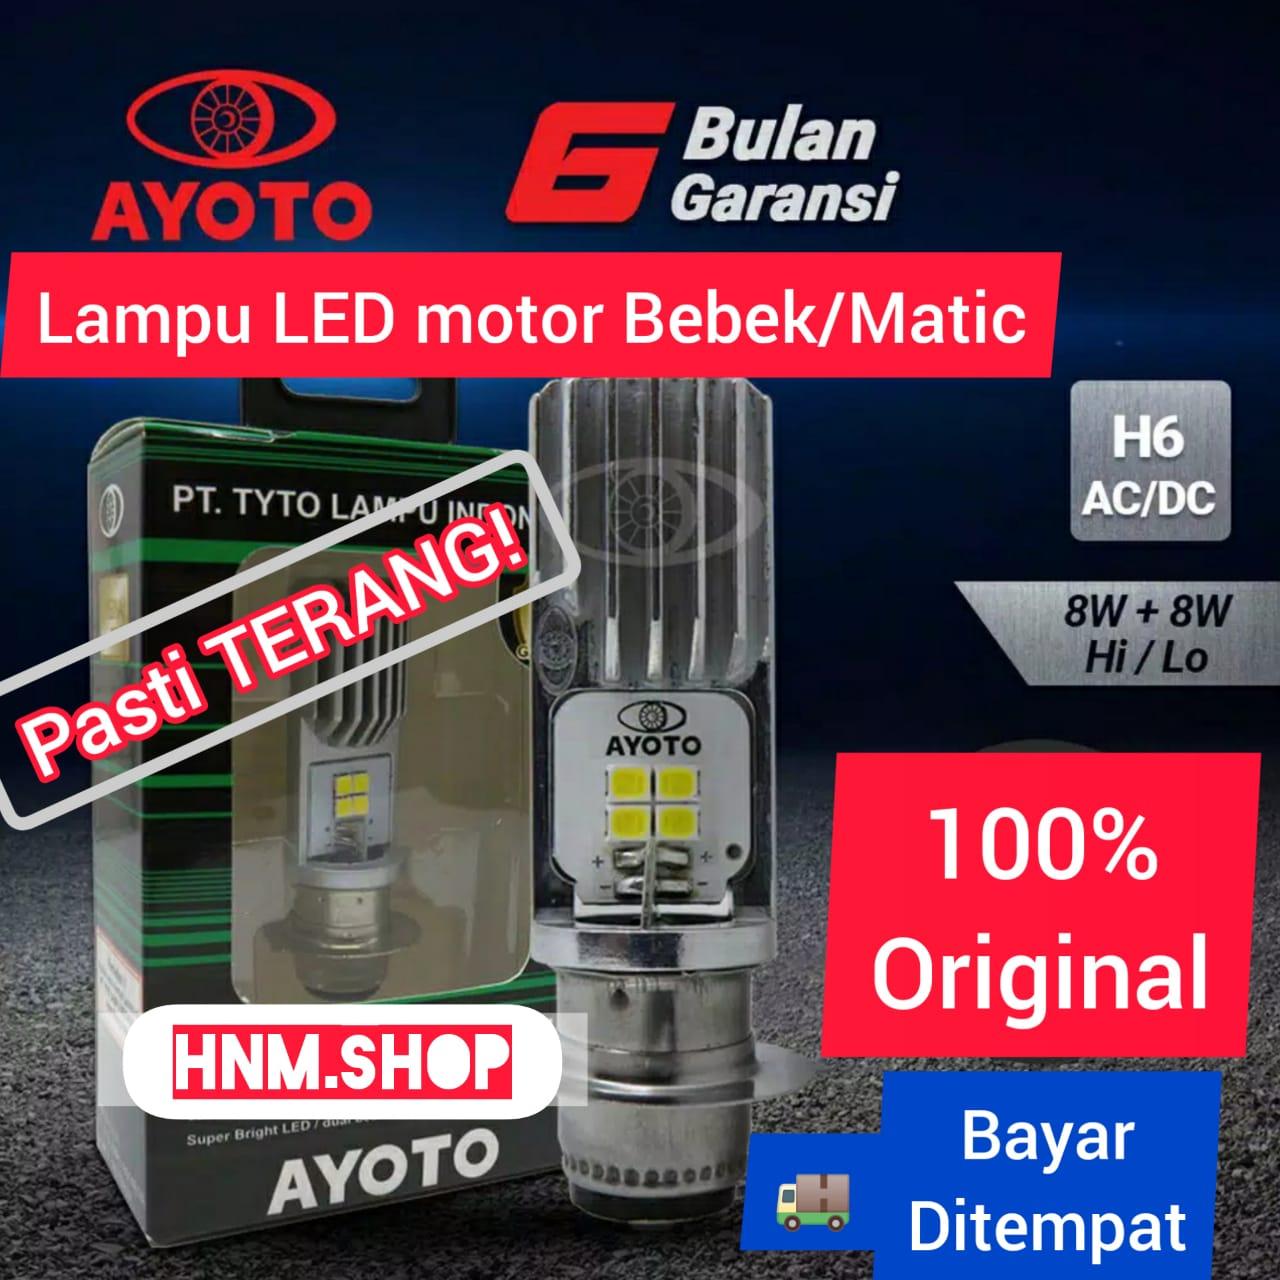 Lampu LED Depan Beat Fi Soul GT Mio M3 Spacy Fino Smash Shogun Jupiter MX Jupiter Z Vega R Vega ZR Supra Mio J Satria FU